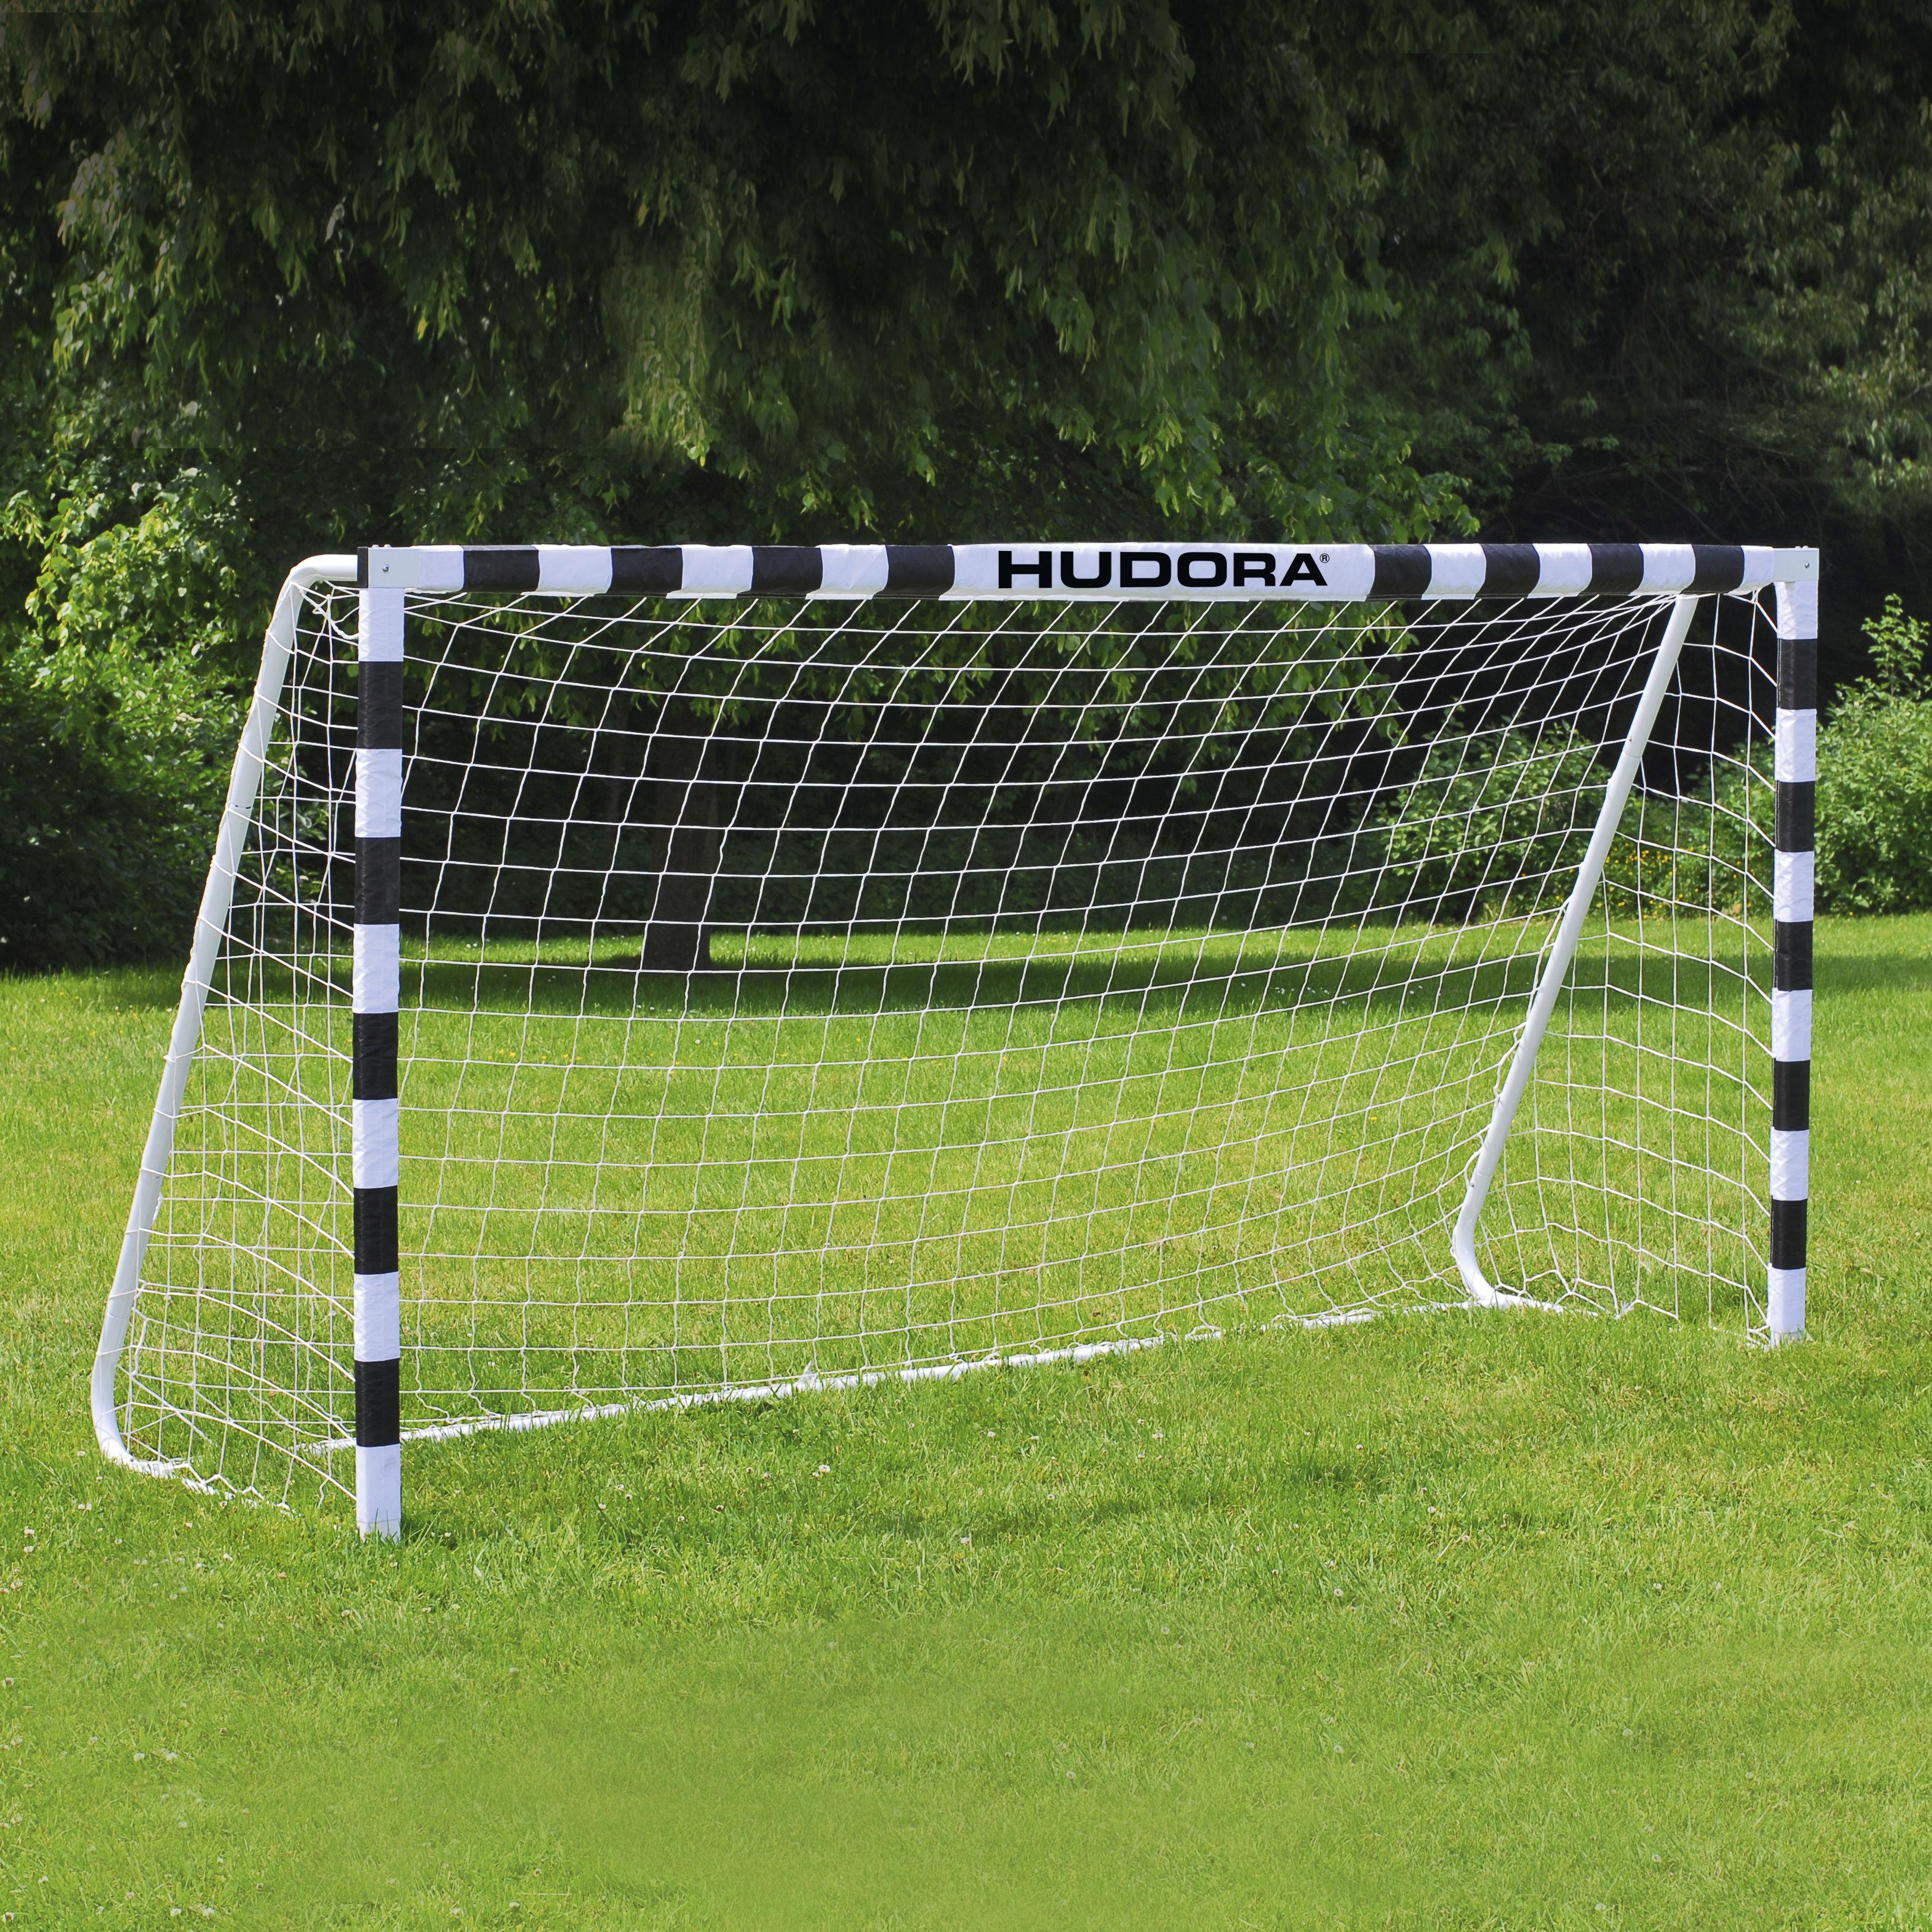 Fussballtor Hudora Fur Den Garten